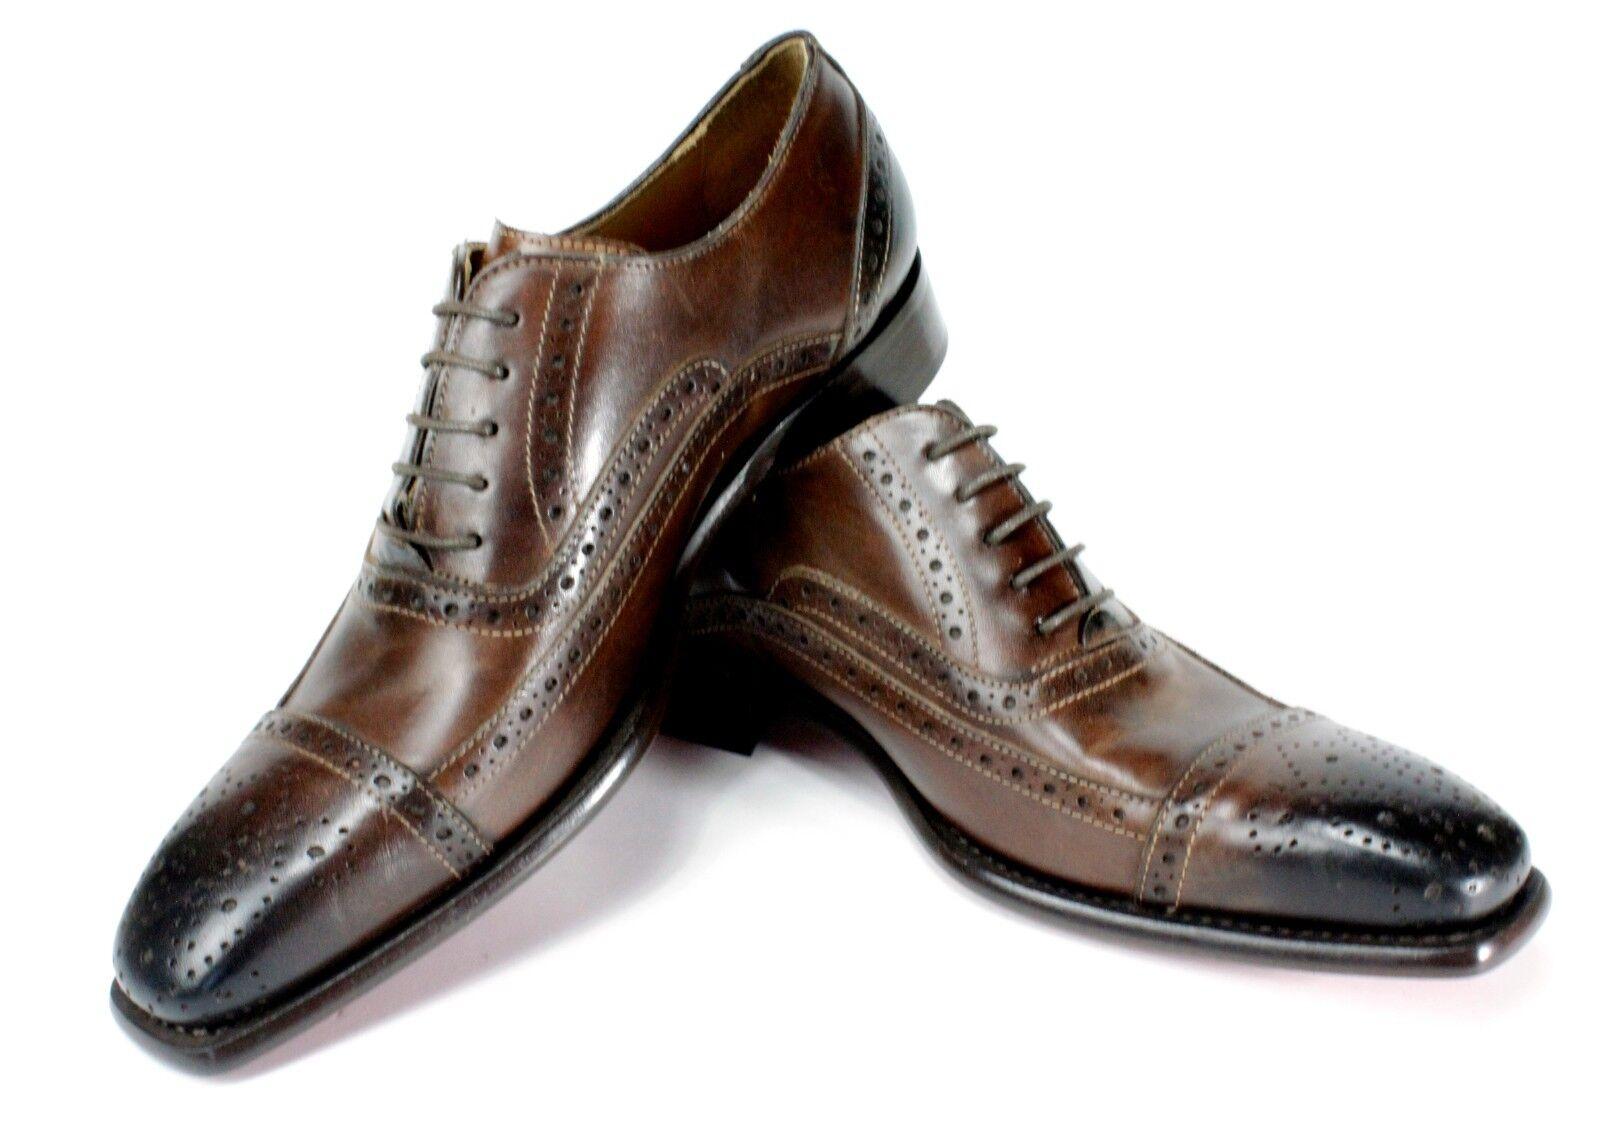 Ivan Troy Vaqueros Café Hecho a Mano Cuero Italiano Zapatos Vestido Oxford